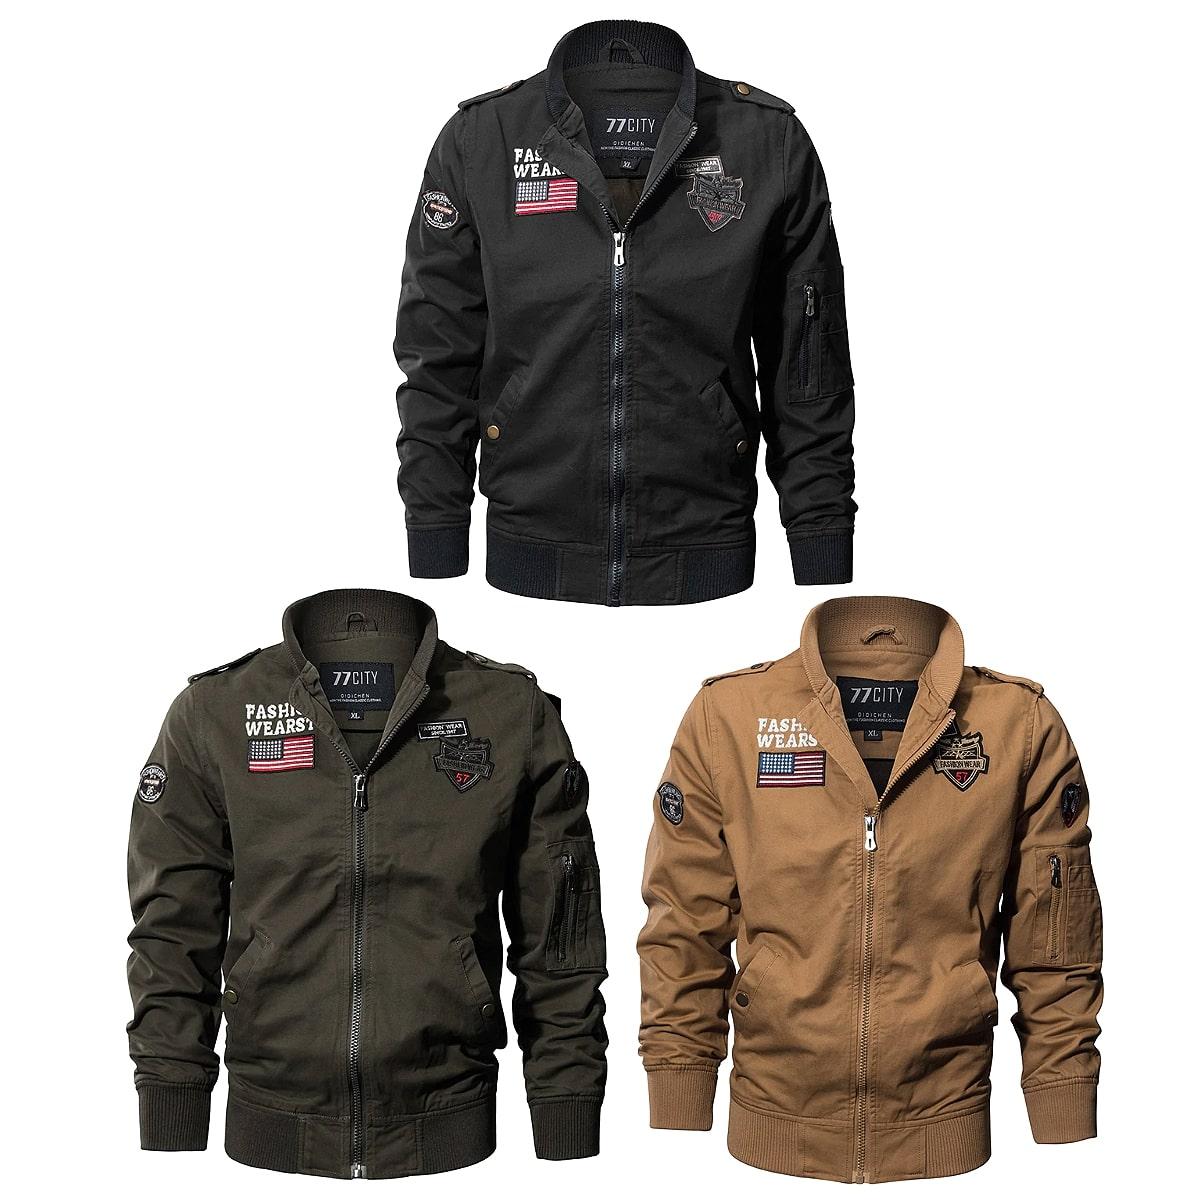 【送料無料!】全3色! 6サイズ! [Men's US Flag Patches Airborne Pilot Jacket] メンズ USフラッグワッペン エアボーン パイロットジャケット! ボンバージャケット ウィンドブレーカー フライトジャケット ジャンパー ブルゾン コート アウター MA-1 ミリタリー バイクに!